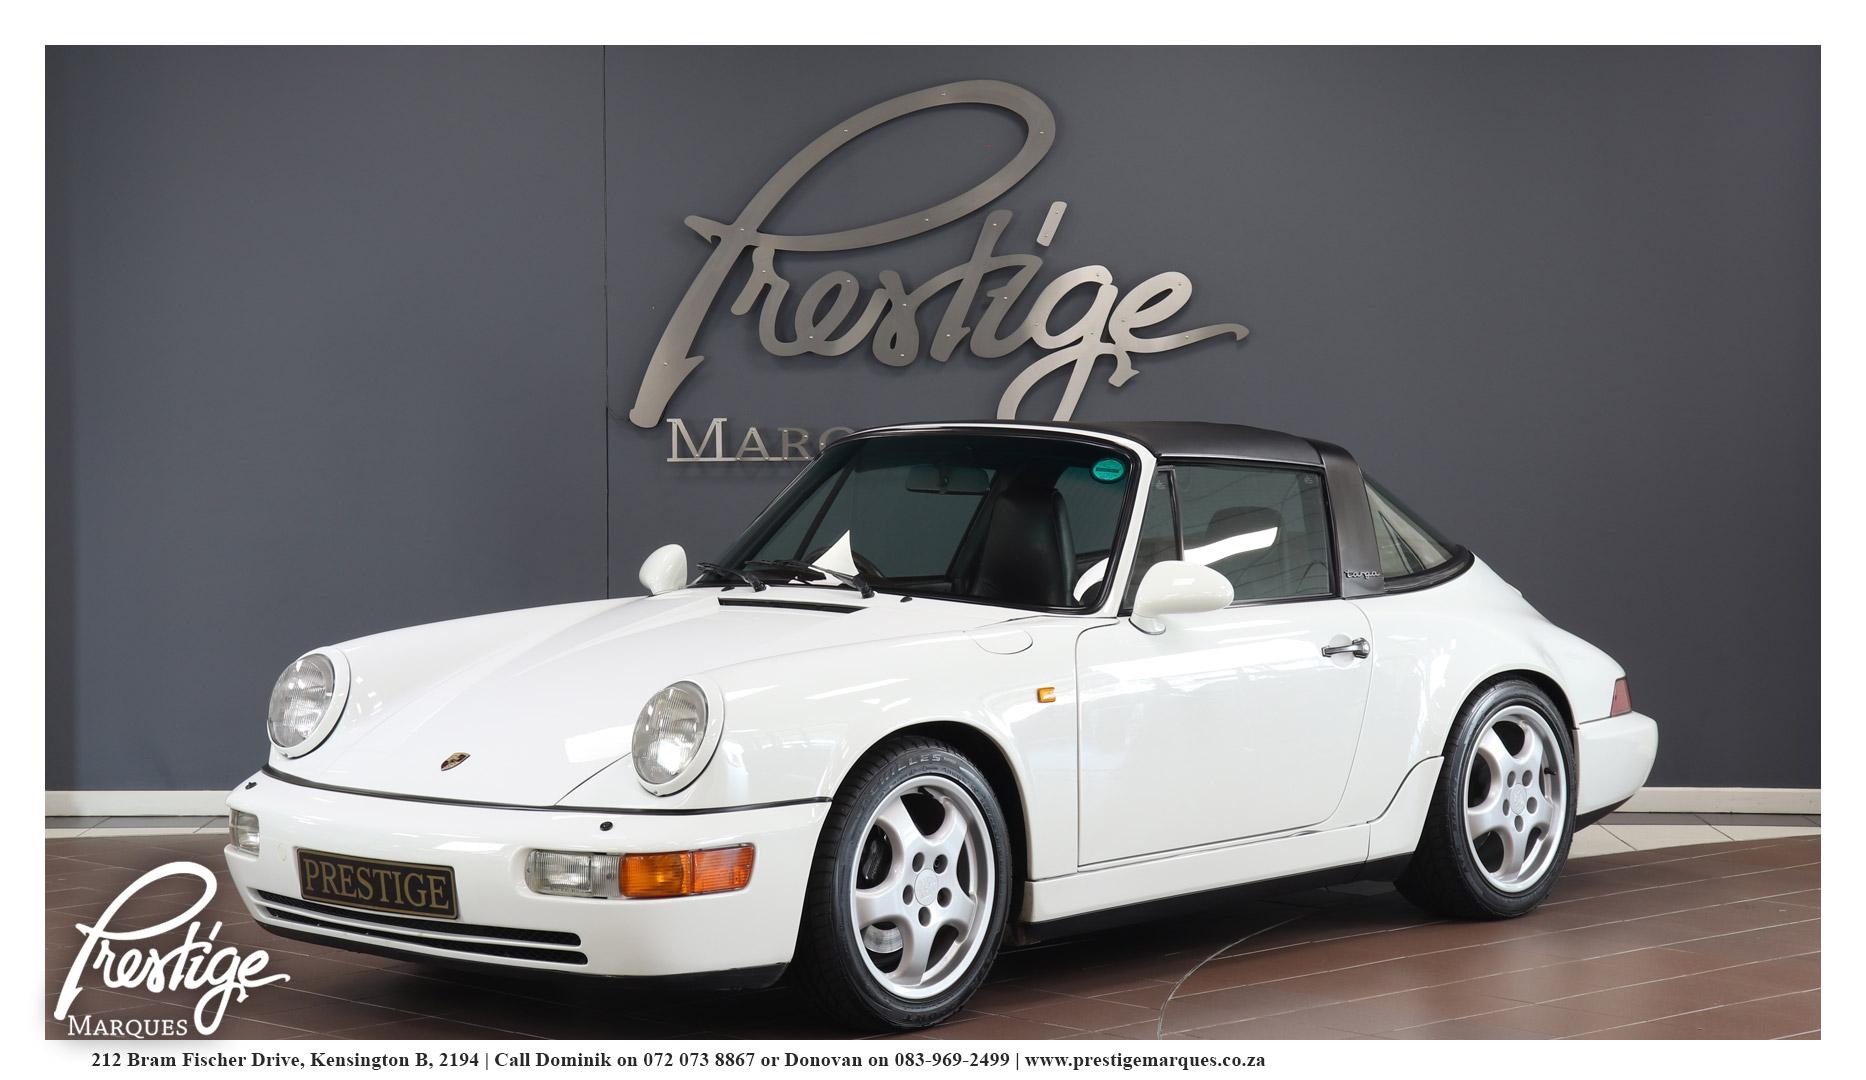 Prestige-Marques-1990-Porsche-964-Carrera 2-Manual-7